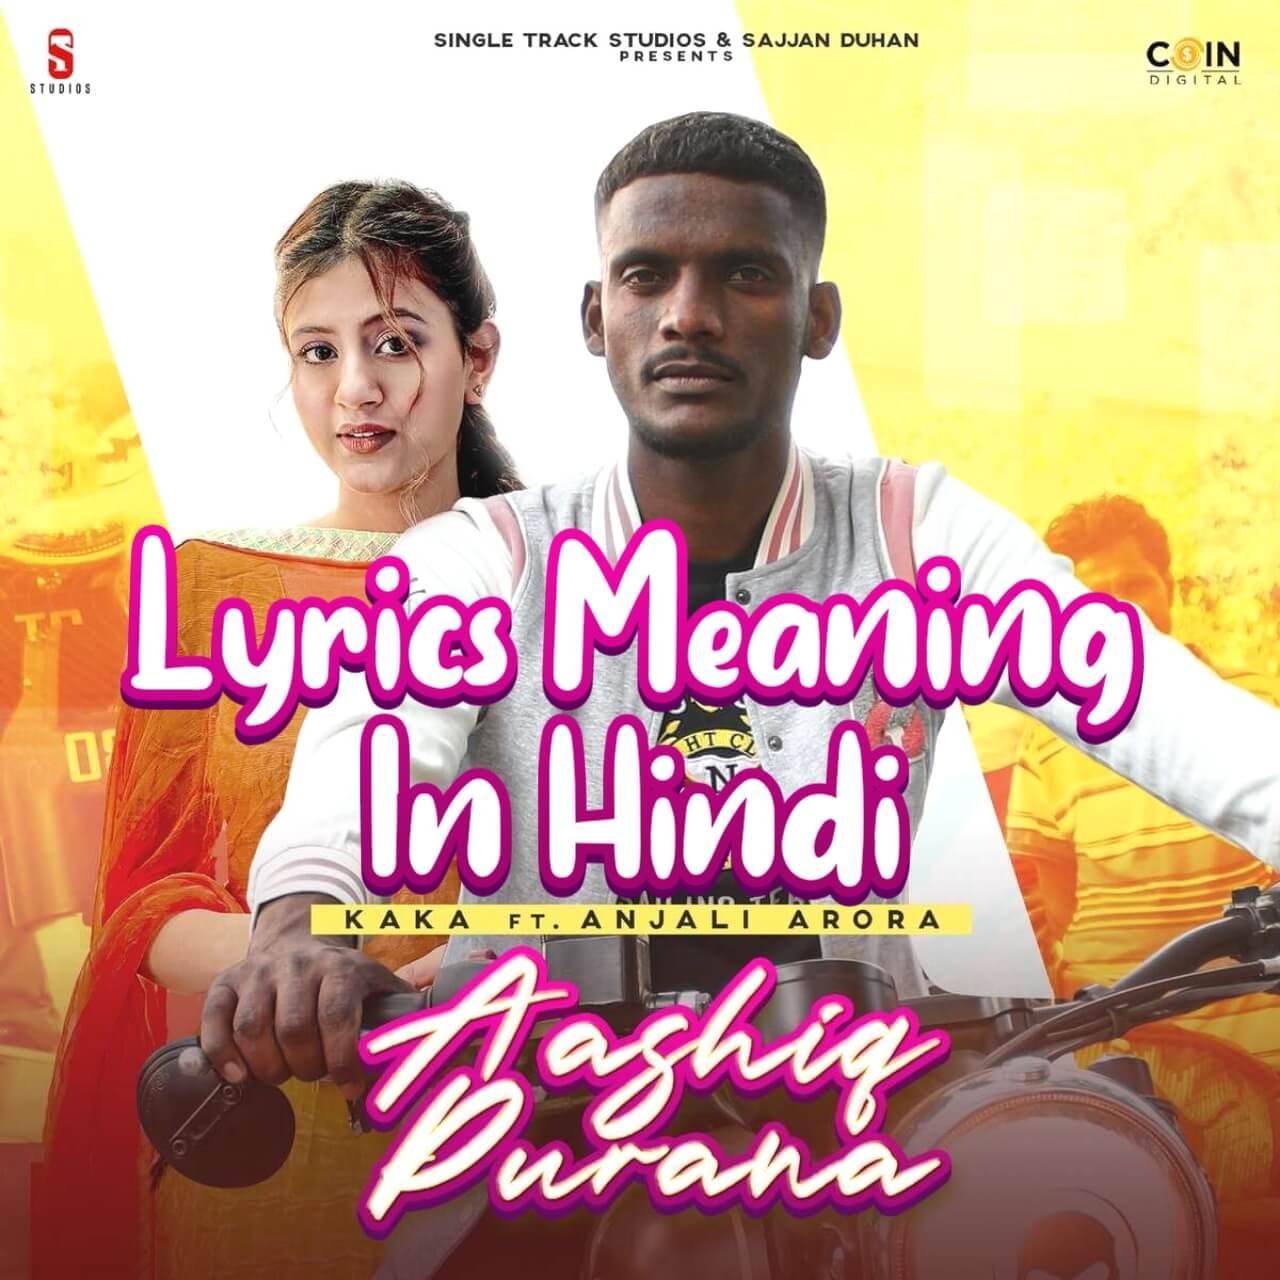 Aashiq Purana Song Lyrics Meaning (Translation) In Hindi By Kaka